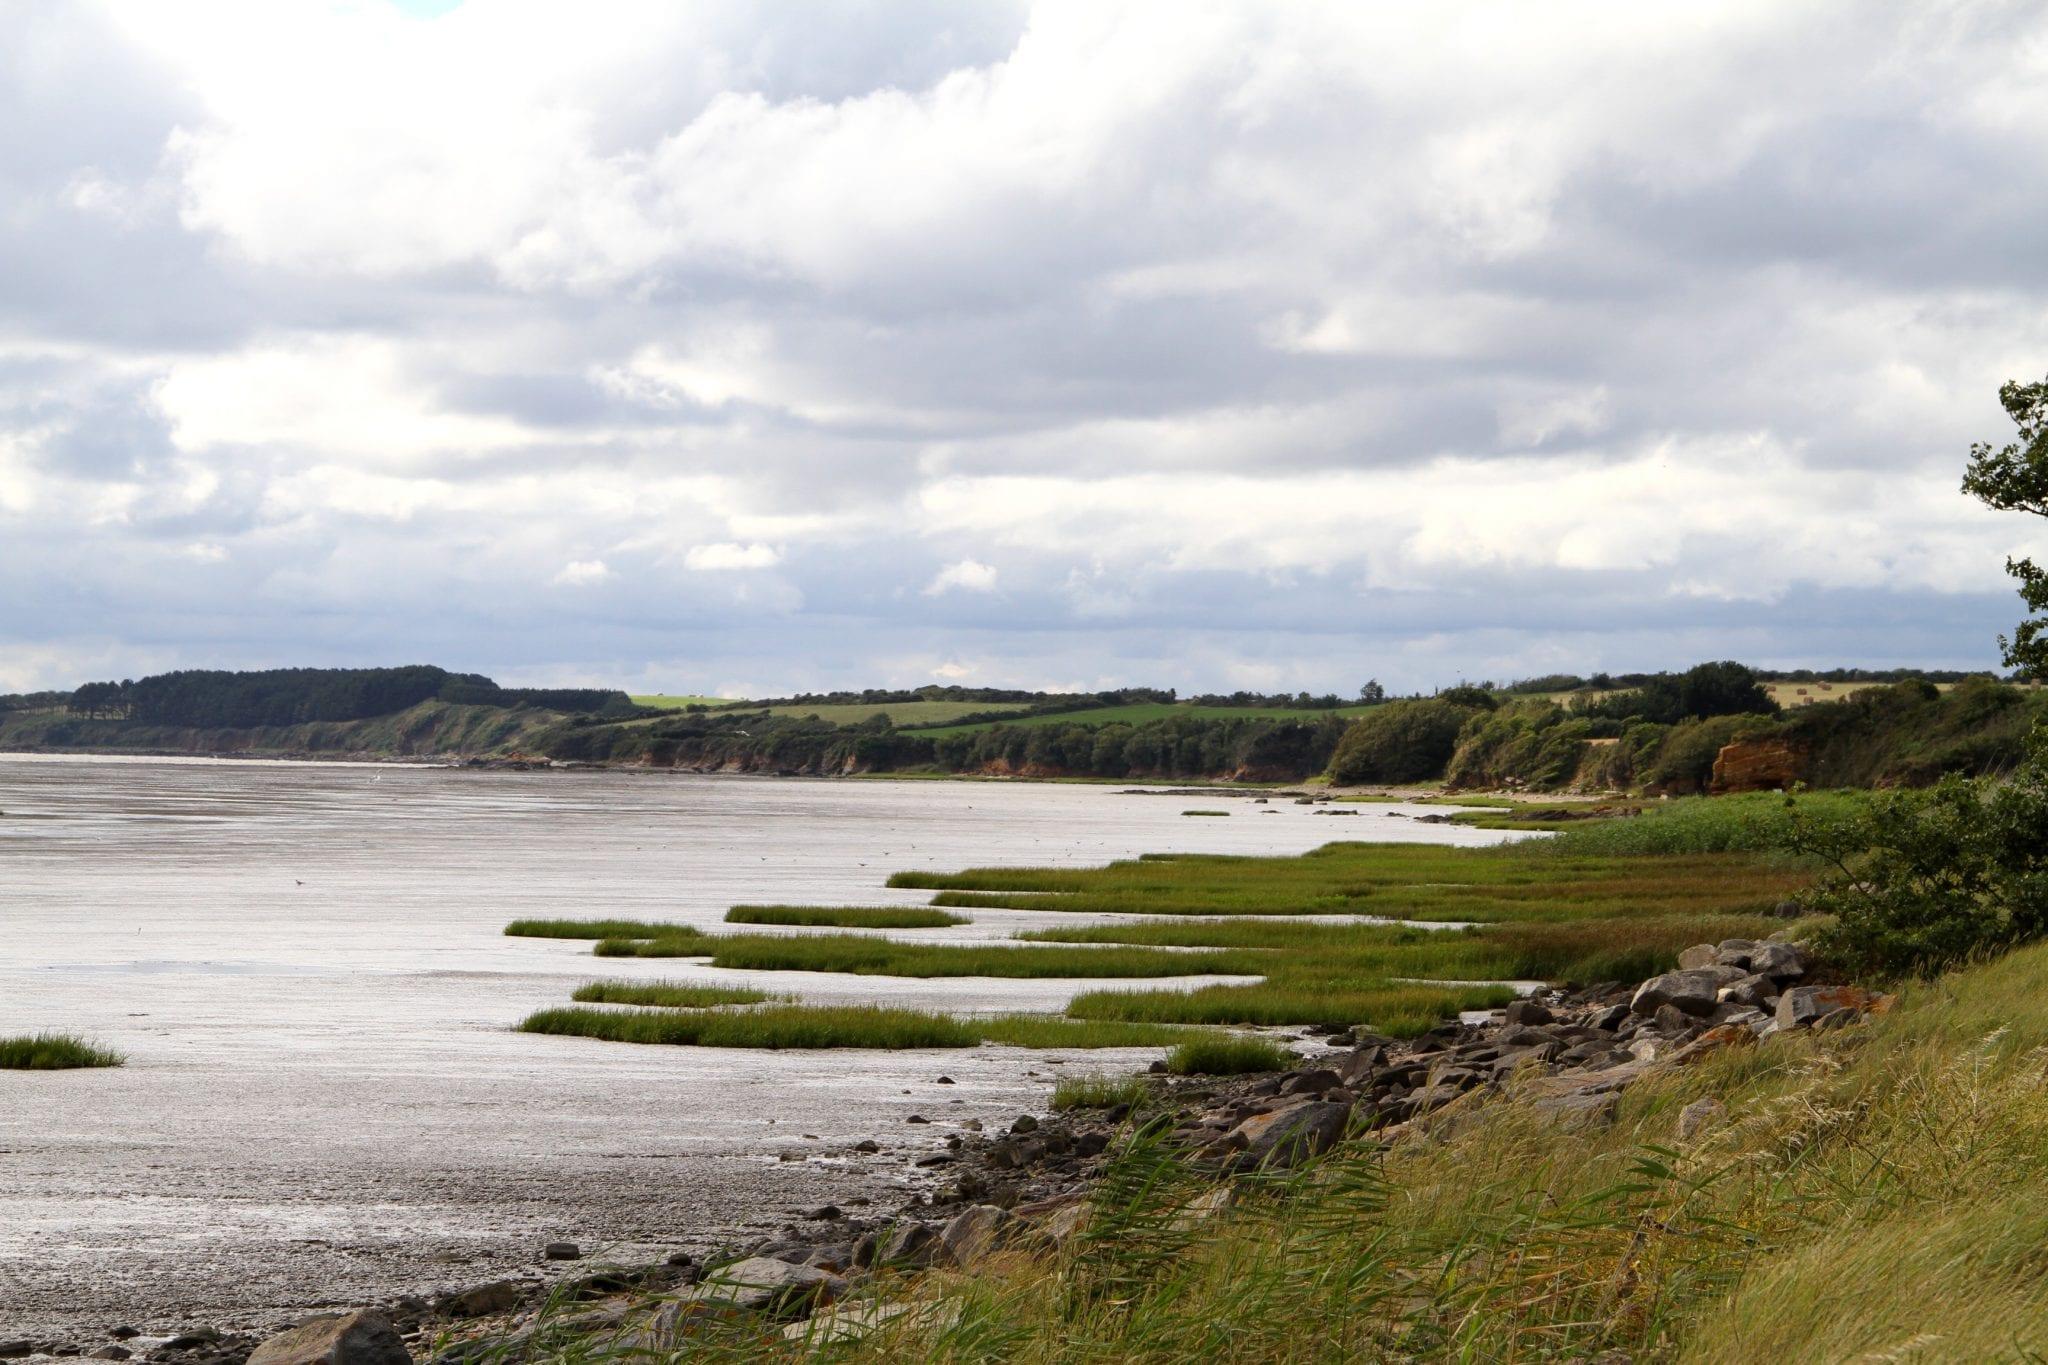 muzillac-littoral © TASB (4)